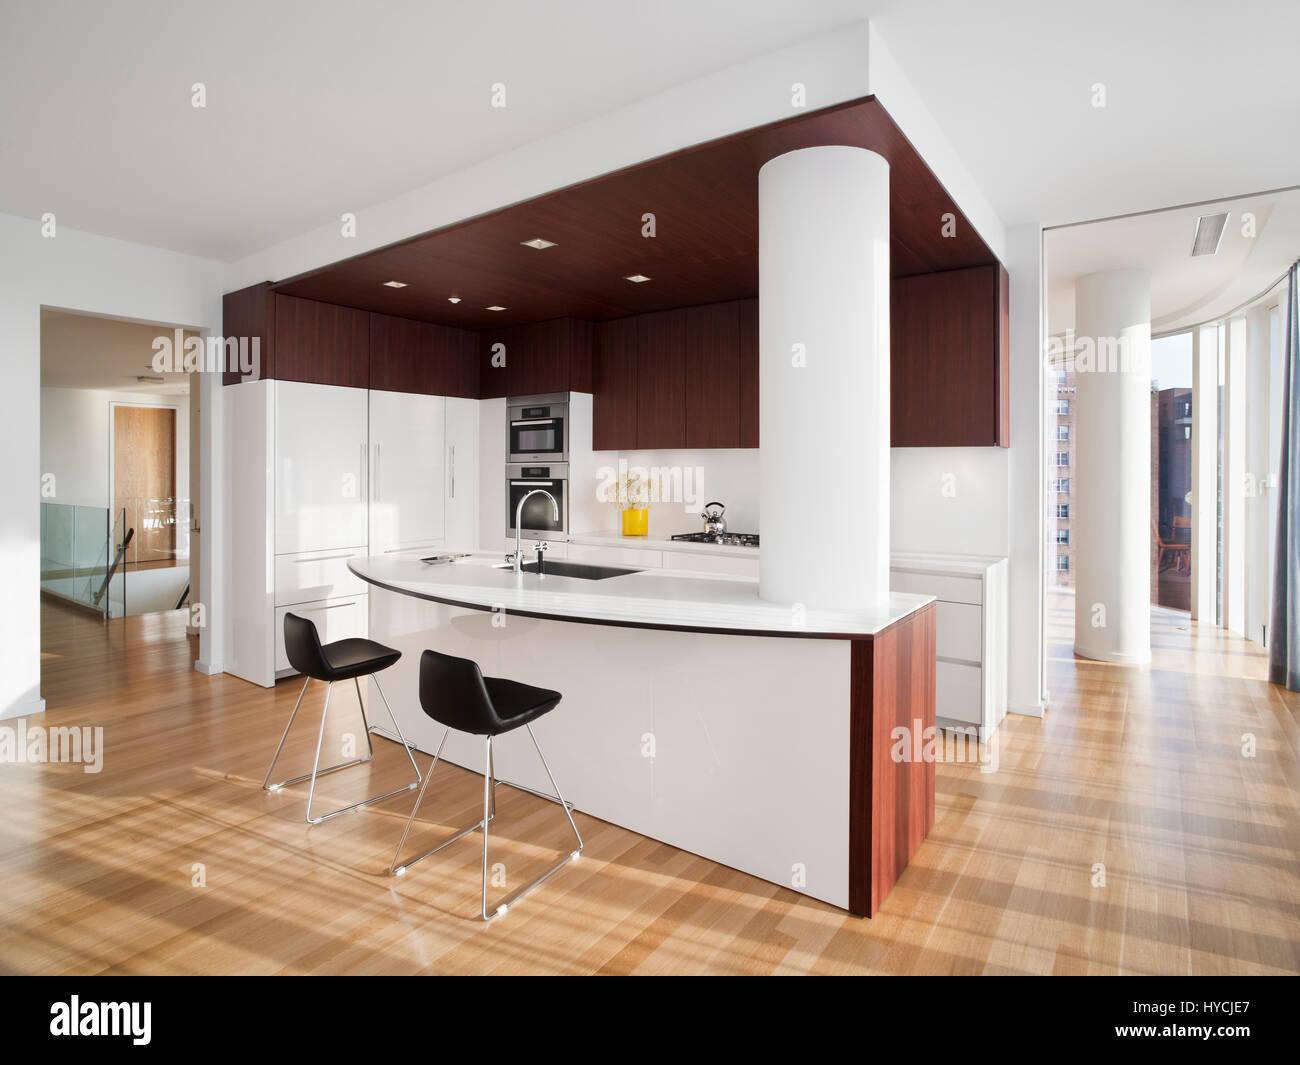 Modèle De Cuisine Ouverte cuisine ouverte avec l'île dans un appartement modèle. un